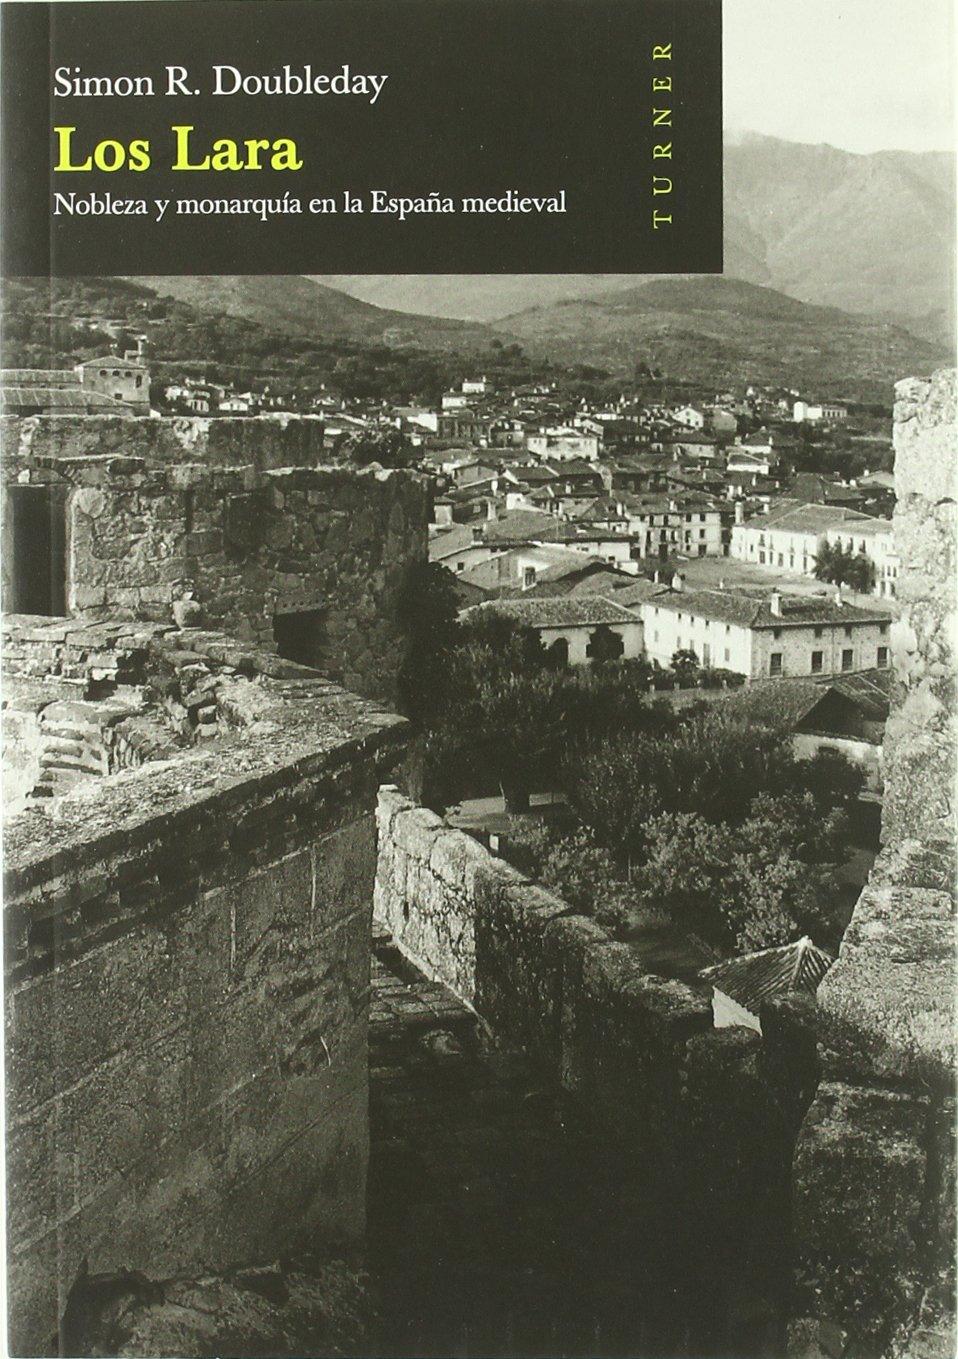 Los Lara : nobleza y monarquía en la España medieval: Amazon.es: Doubleday, Simon R.: Libros